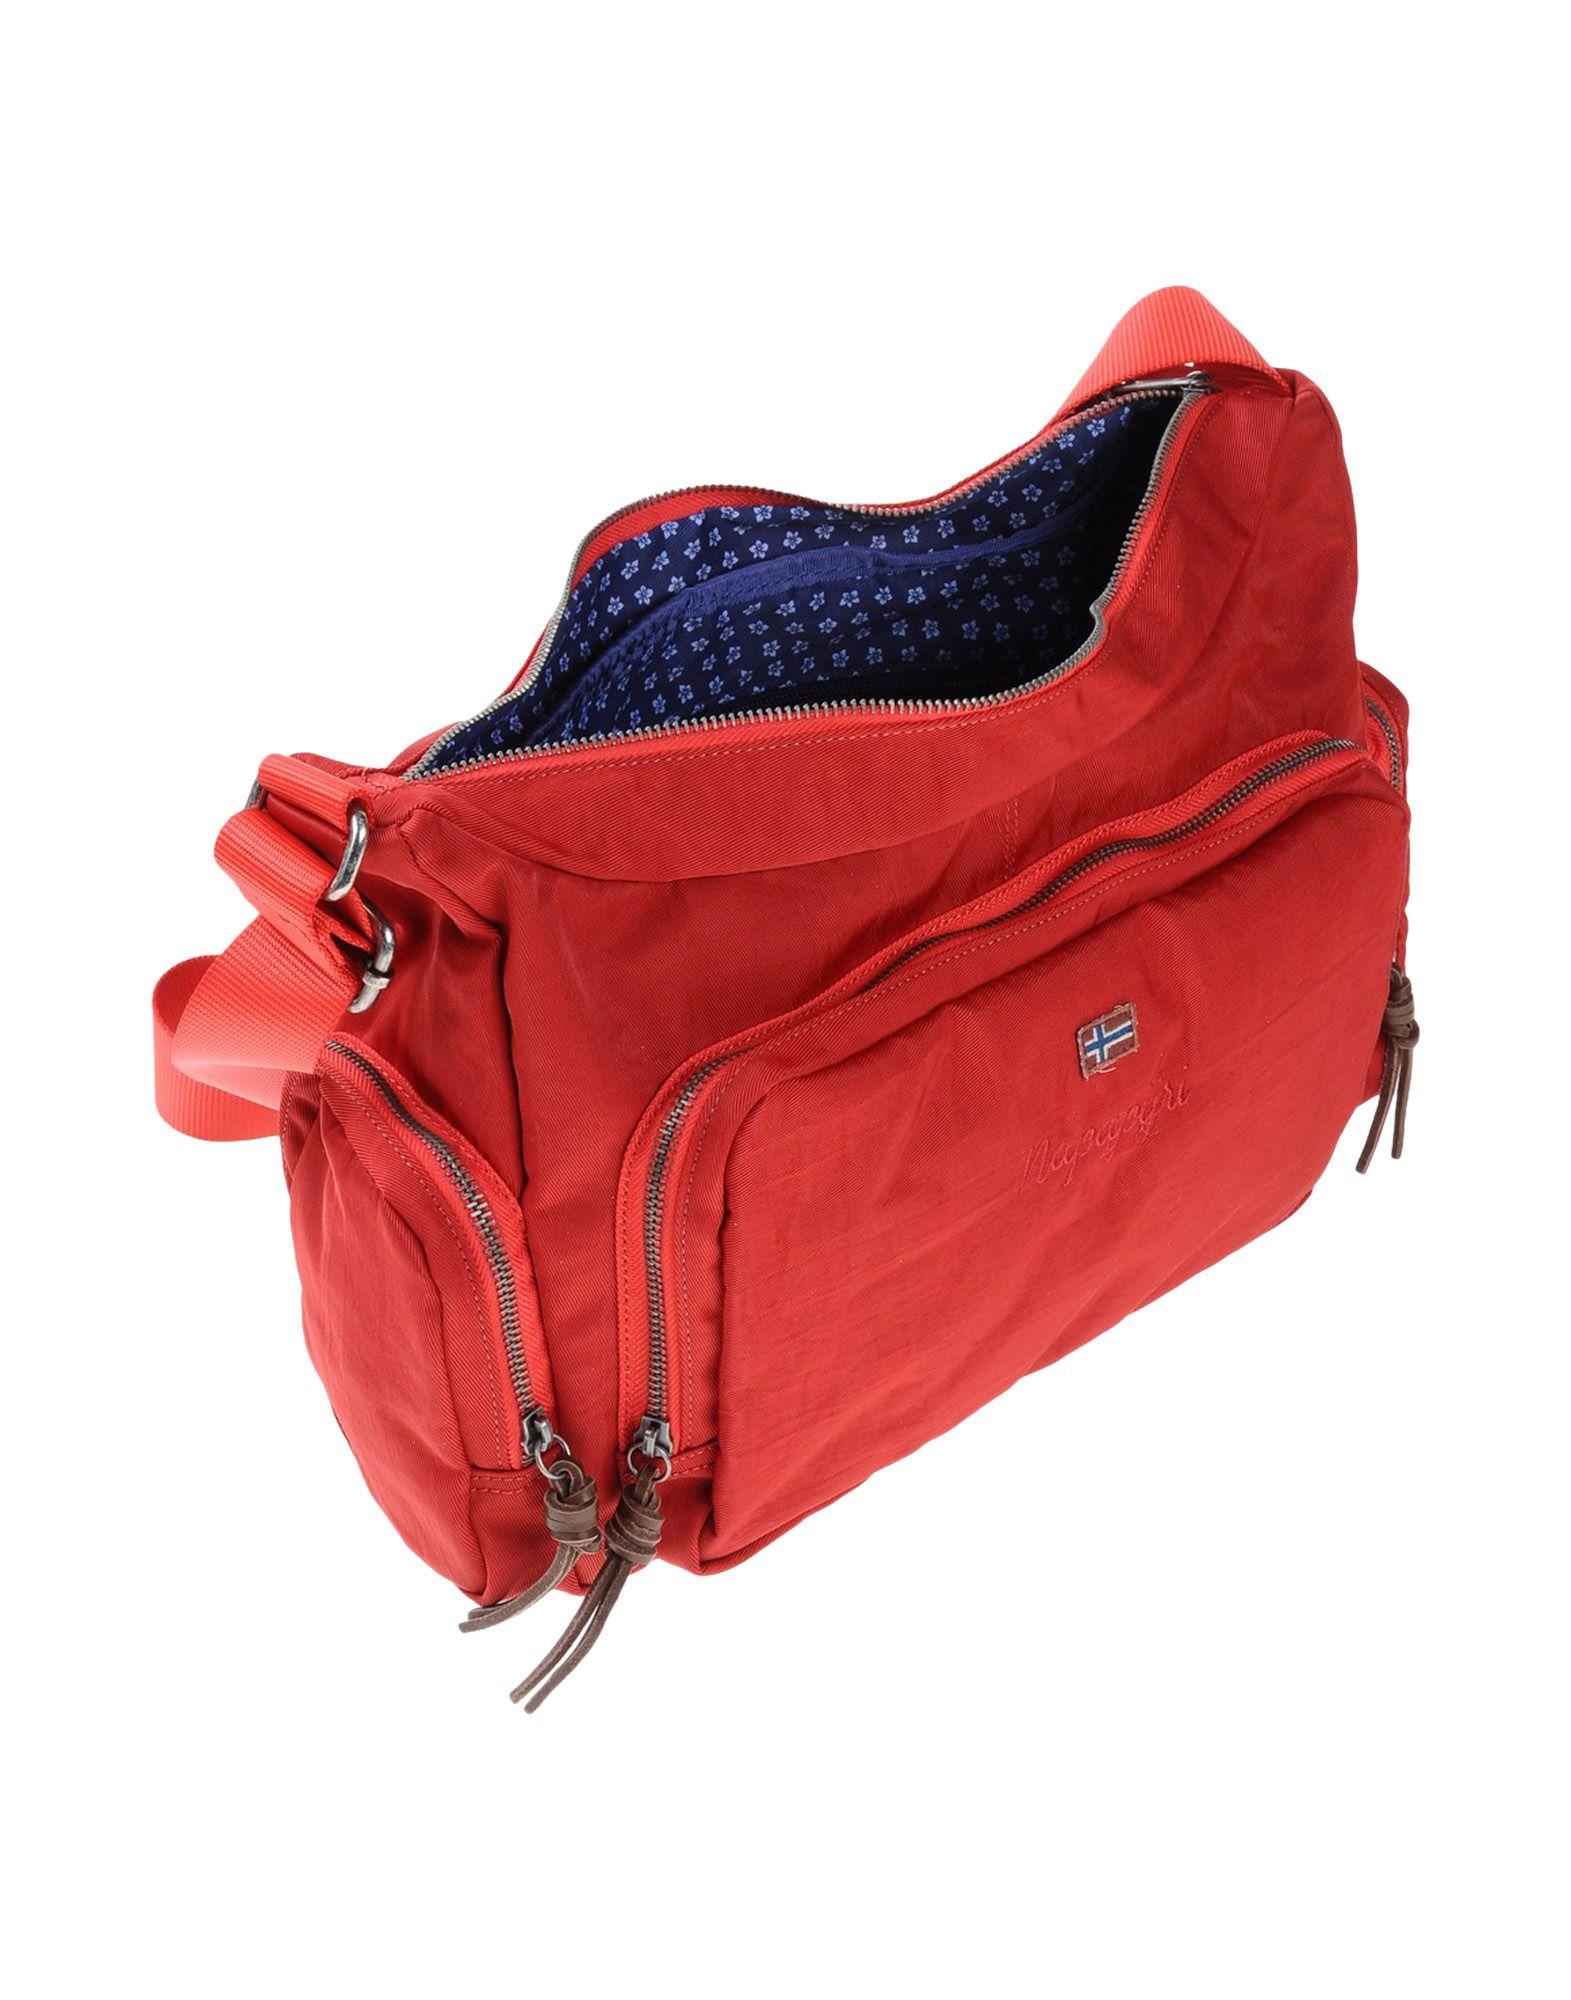 Napapijri Synthetic Cross-body Bag in Red